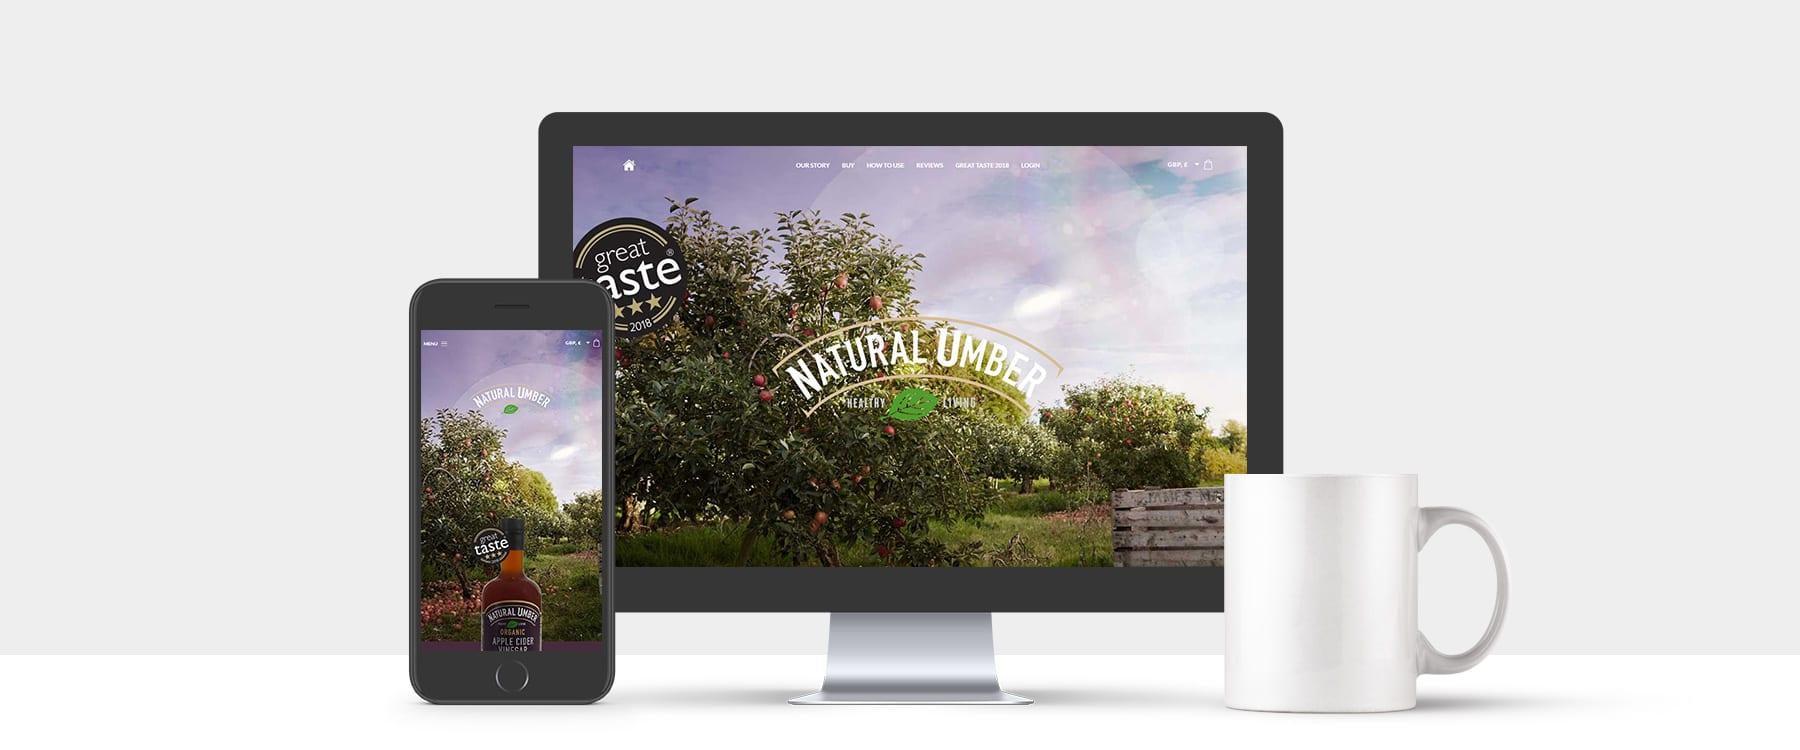 Buy the new Natural Umber Apple Cider Vinegar Online Now! Image